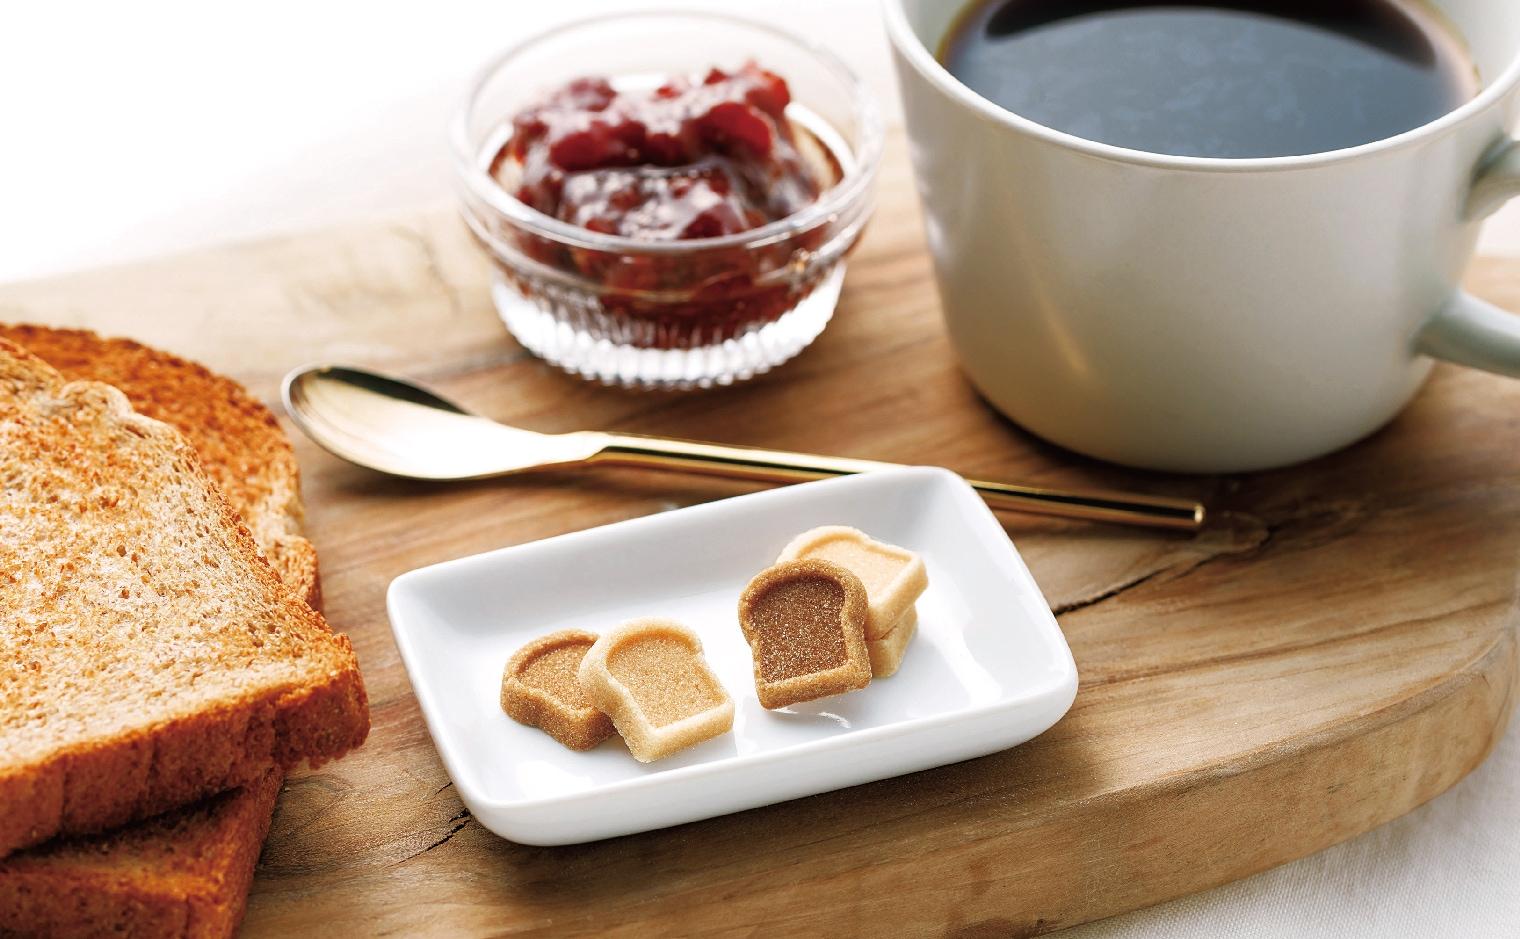 デザインシュガー,物語のある砂糖,かわいい,可愛い,角砂糖,食パン